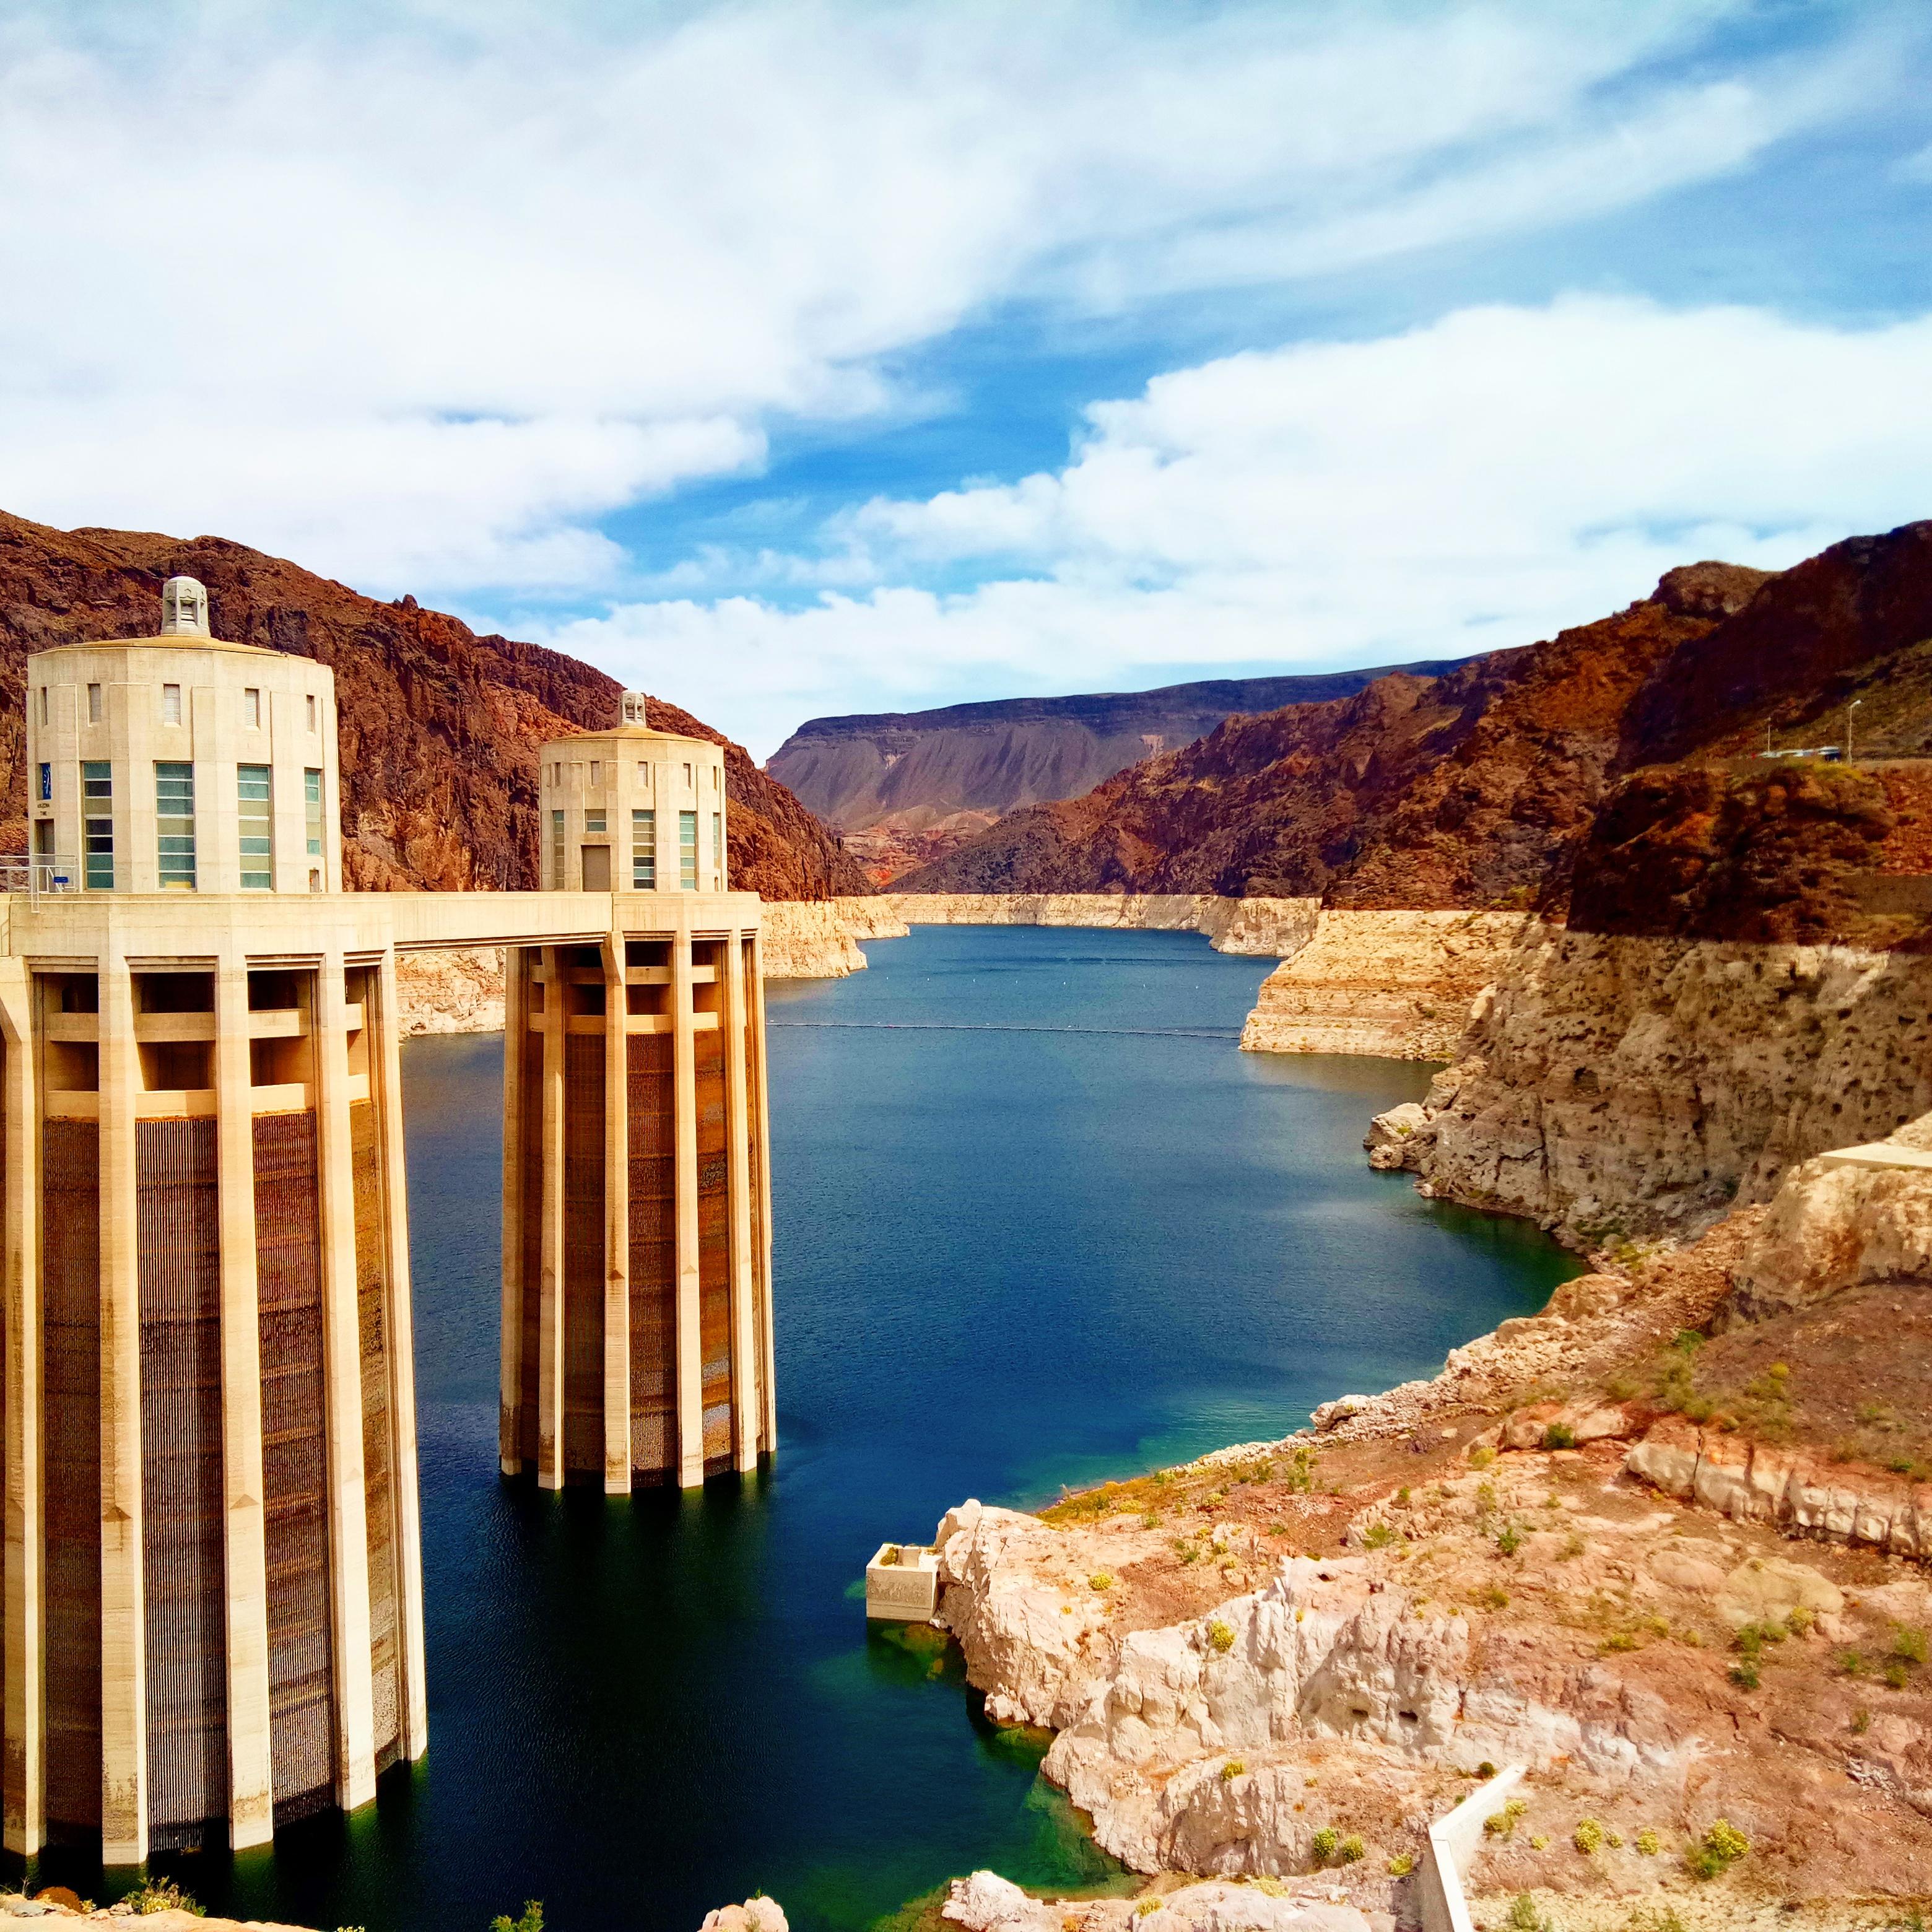 hoover dam history travel epic vlog blog usa desert diaries